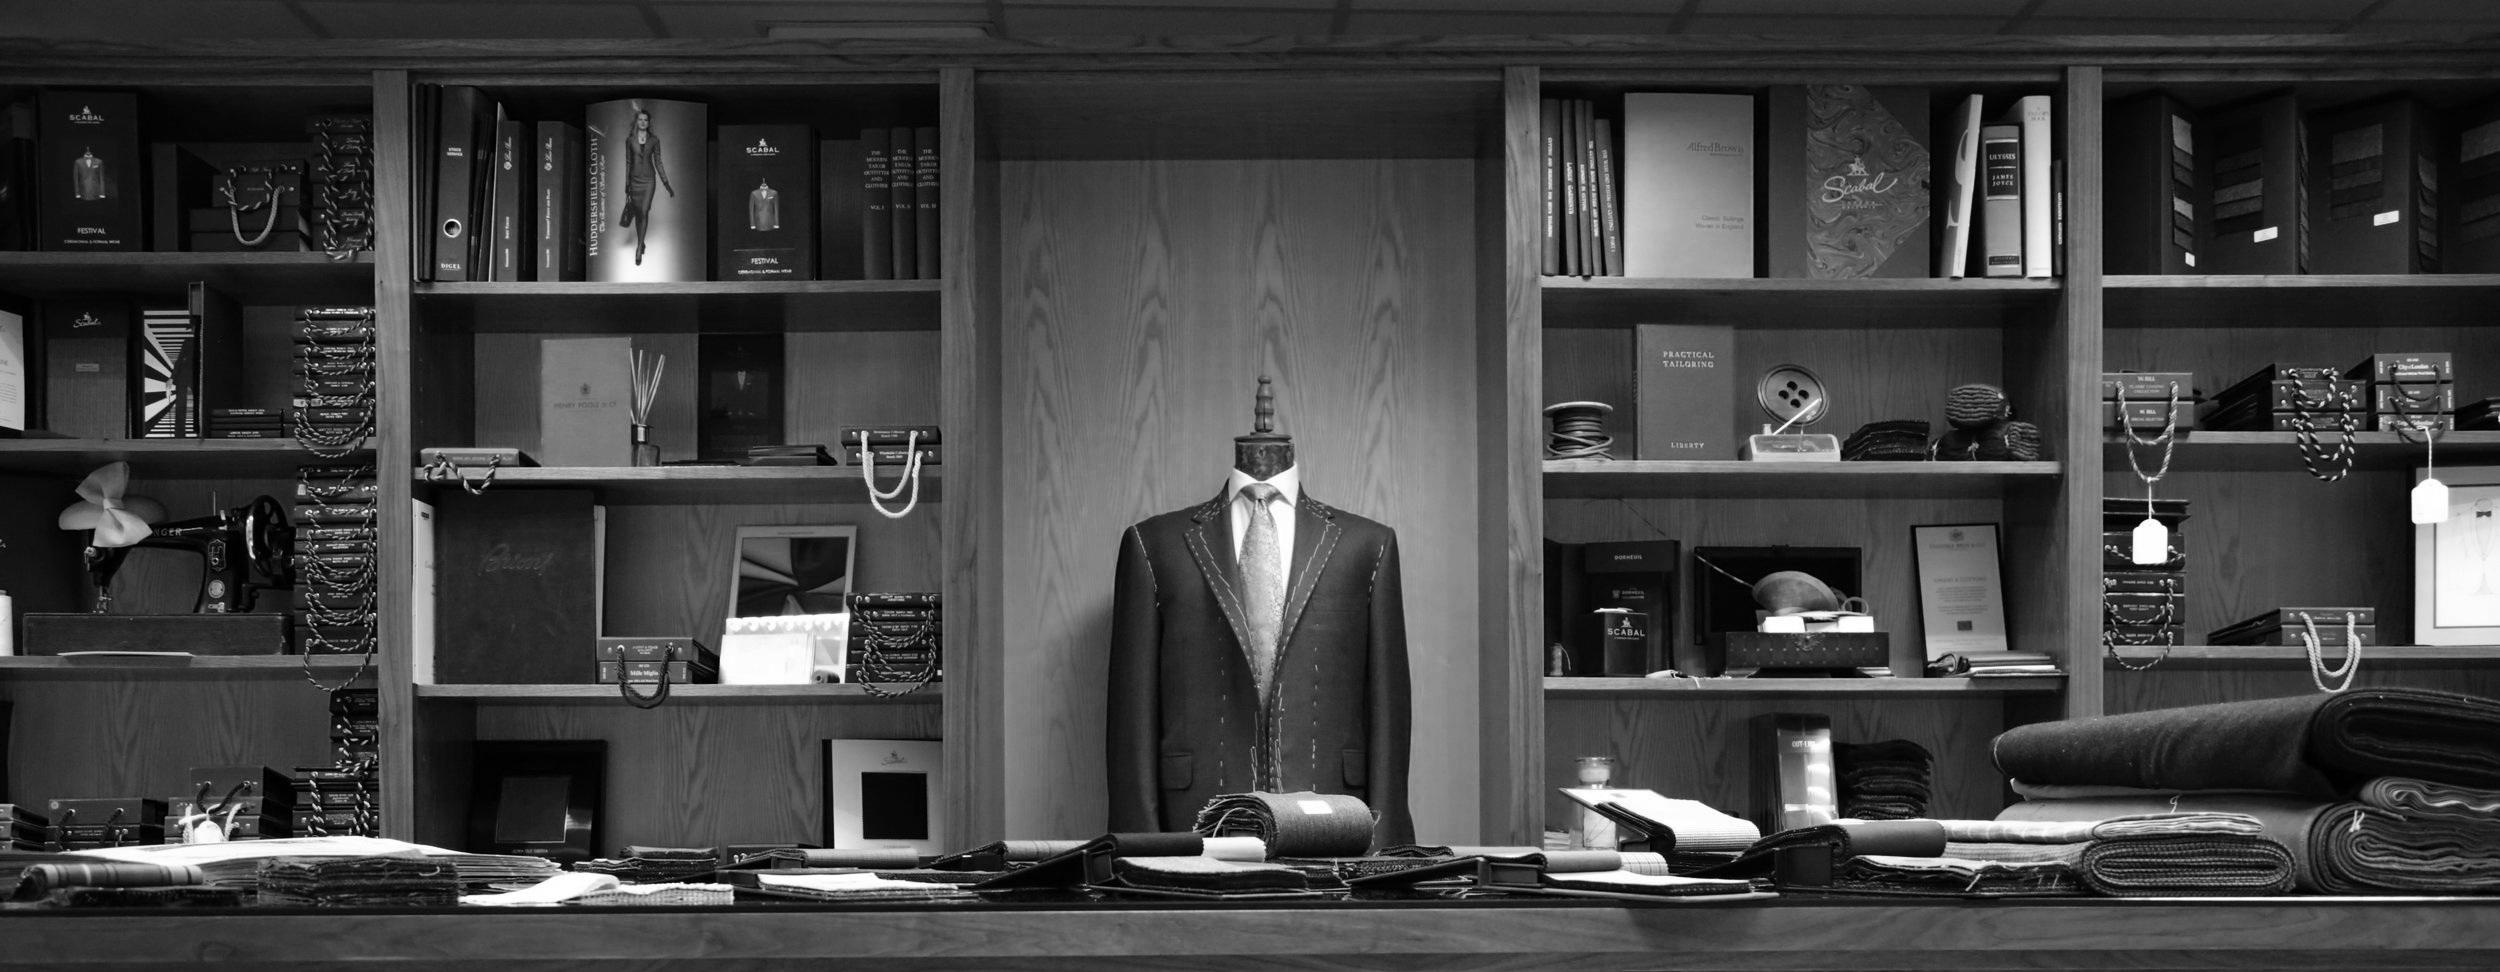 Paul Henry Bespoke Tailors.jpg